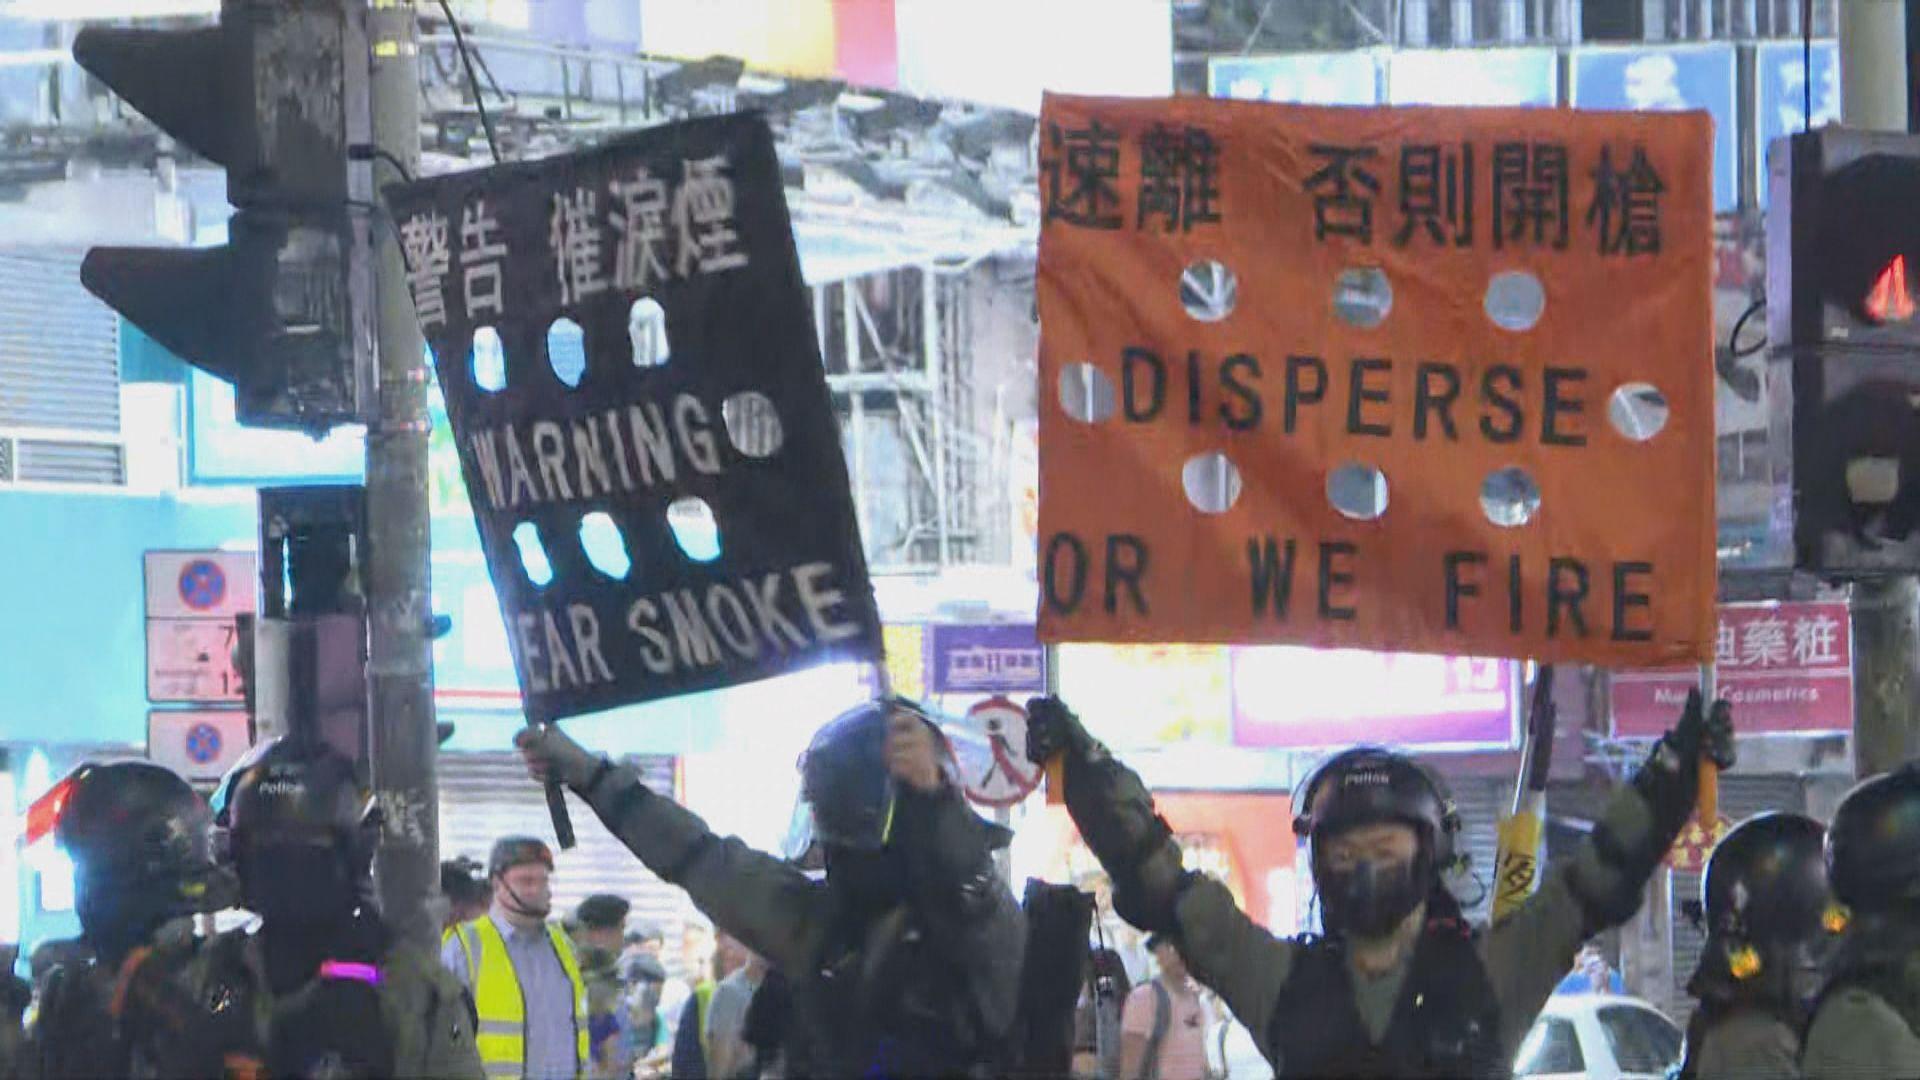 示威者堵塞元朗大馬路 防暴警員到場驅散一度舉黑旗及橙旗